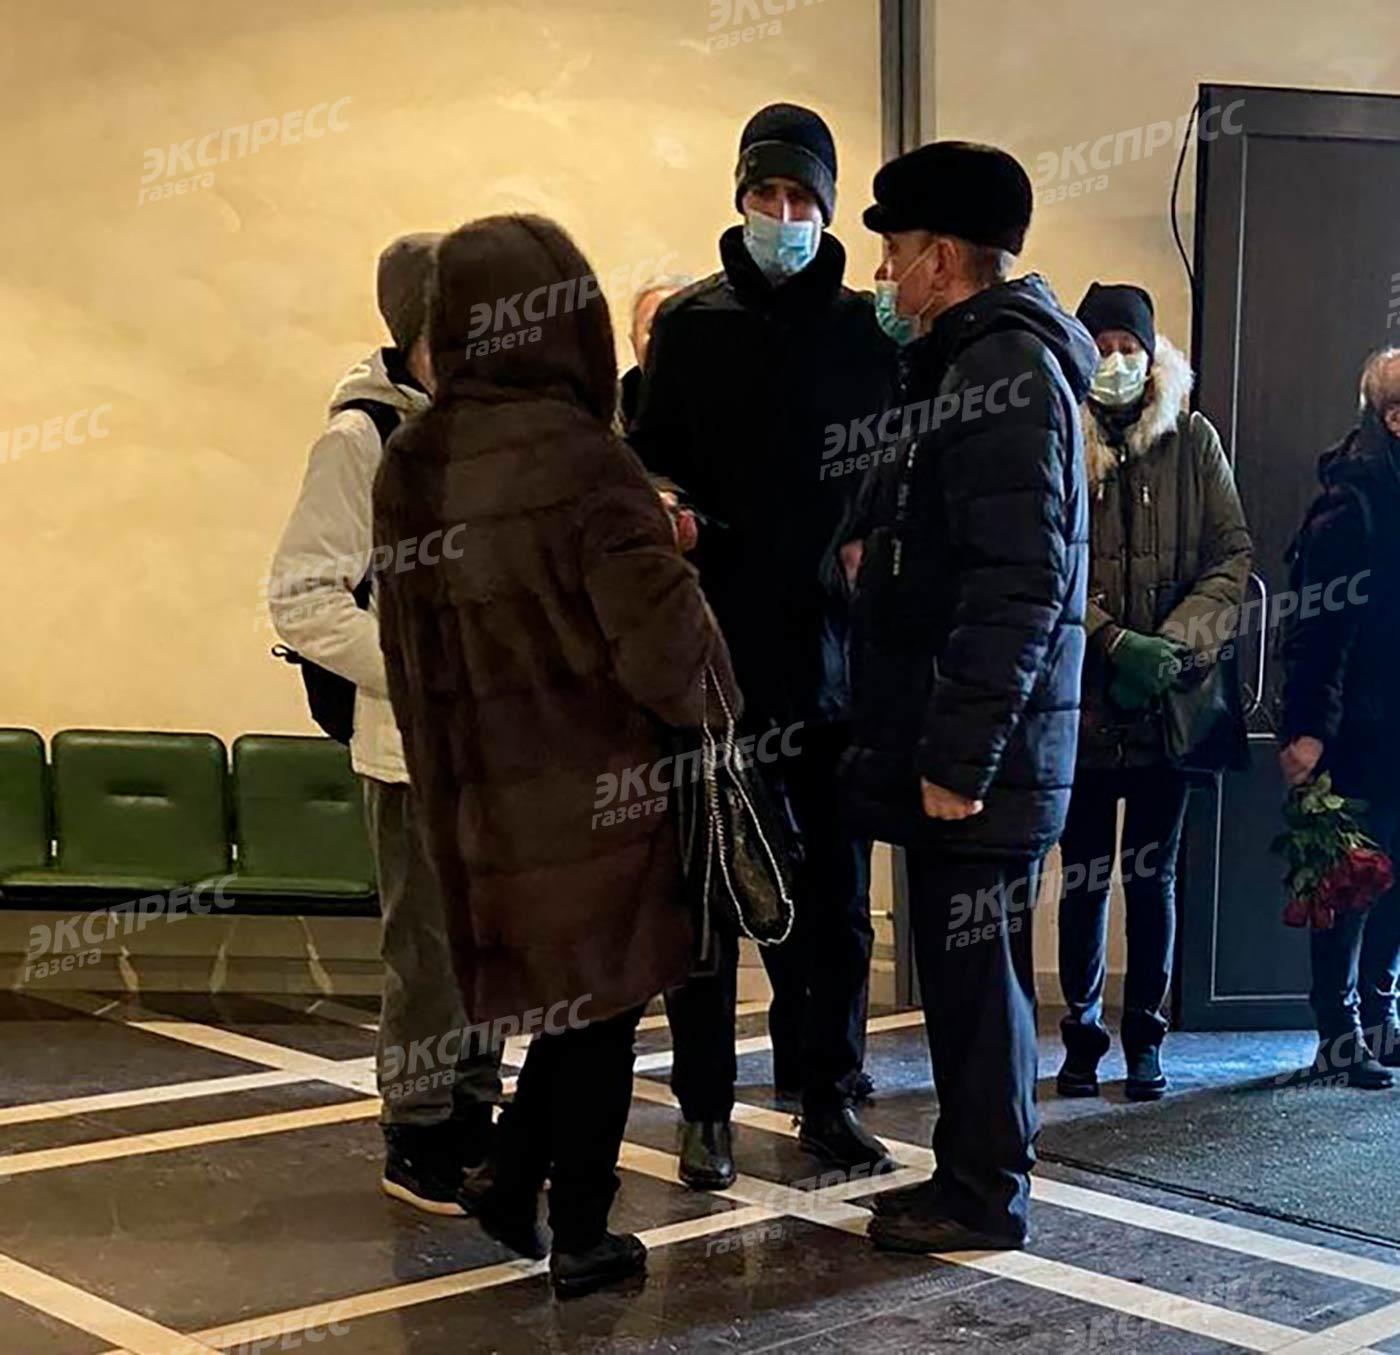 Сын Дениса Карасева Данила (высокий мужчина в центре кадра)